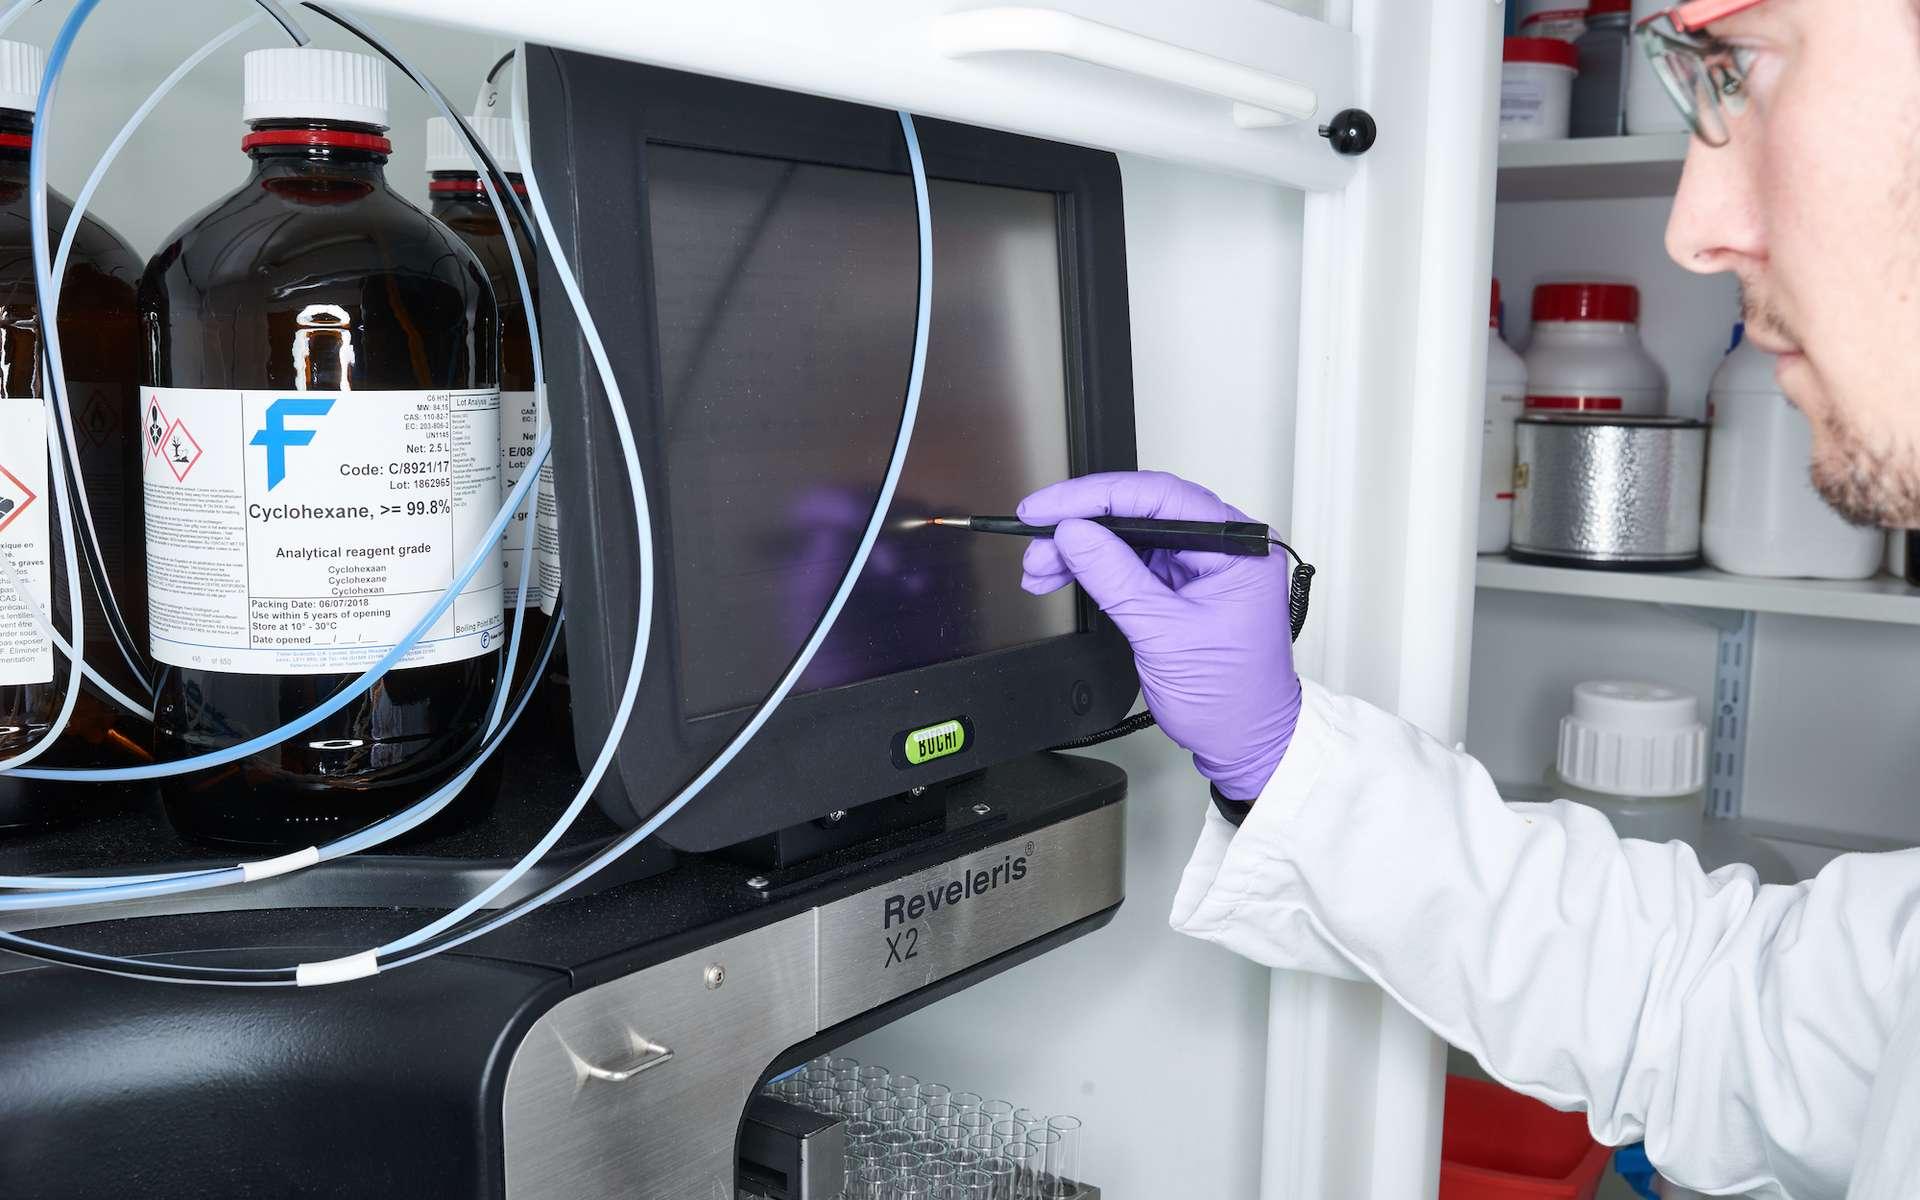 DNA Script fabrique de l'ADN de synthèse grâce à des enzymes naturelles, une méthode plus efficace et moins polluante que la voie chimique. © DNA Script